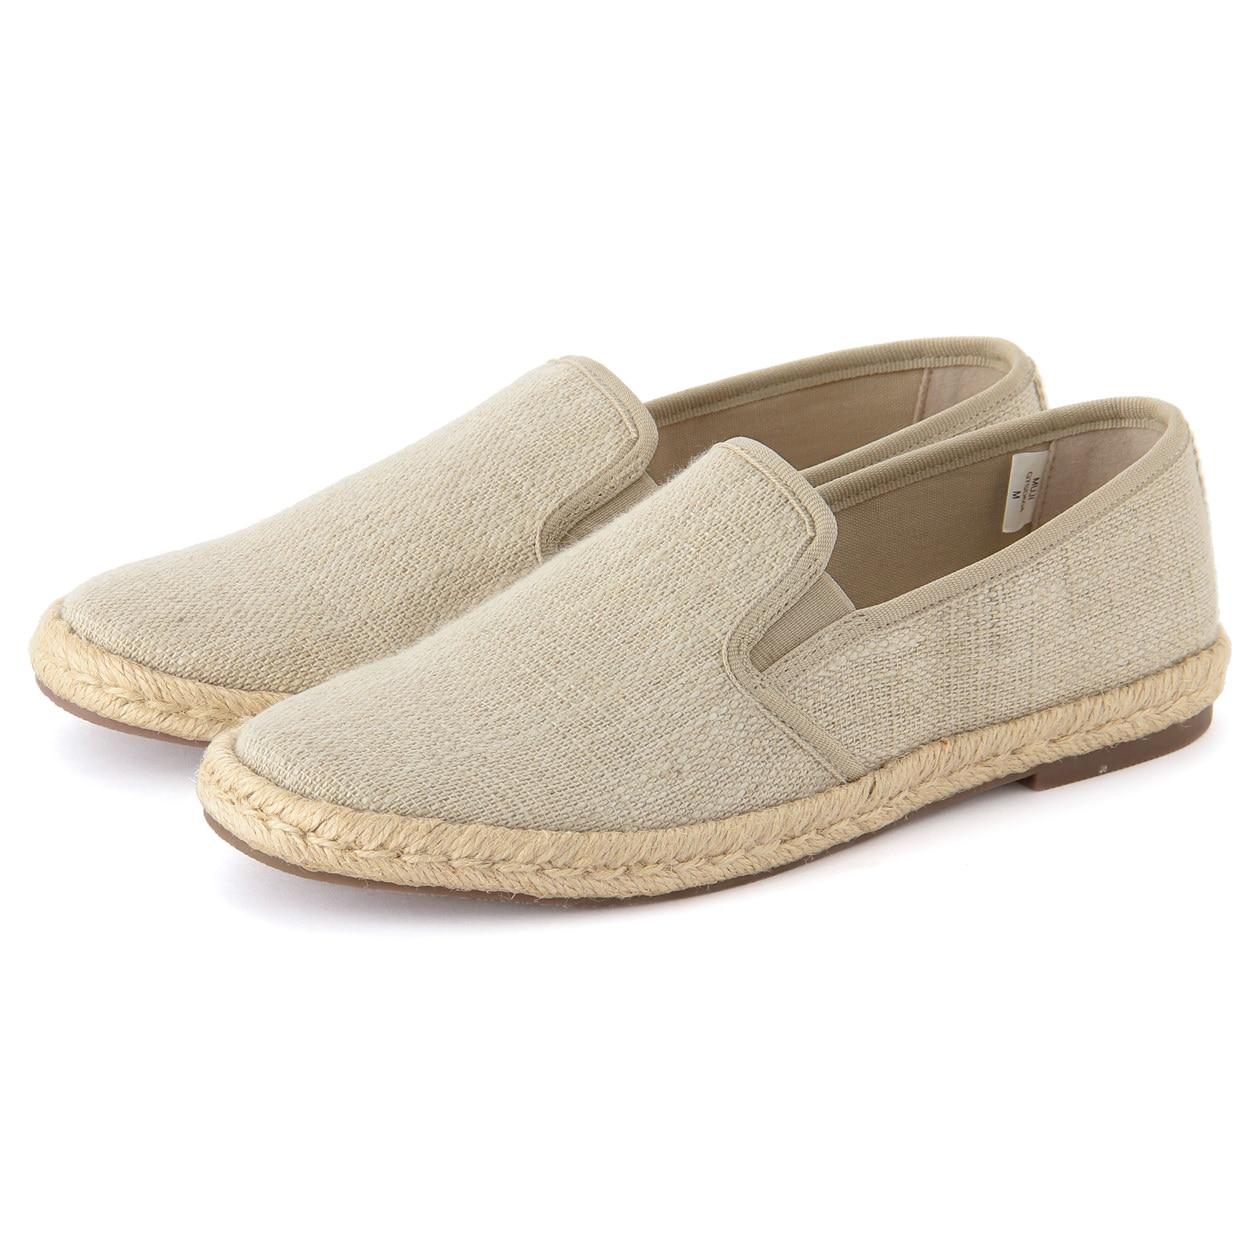 Muji Uk Shoes